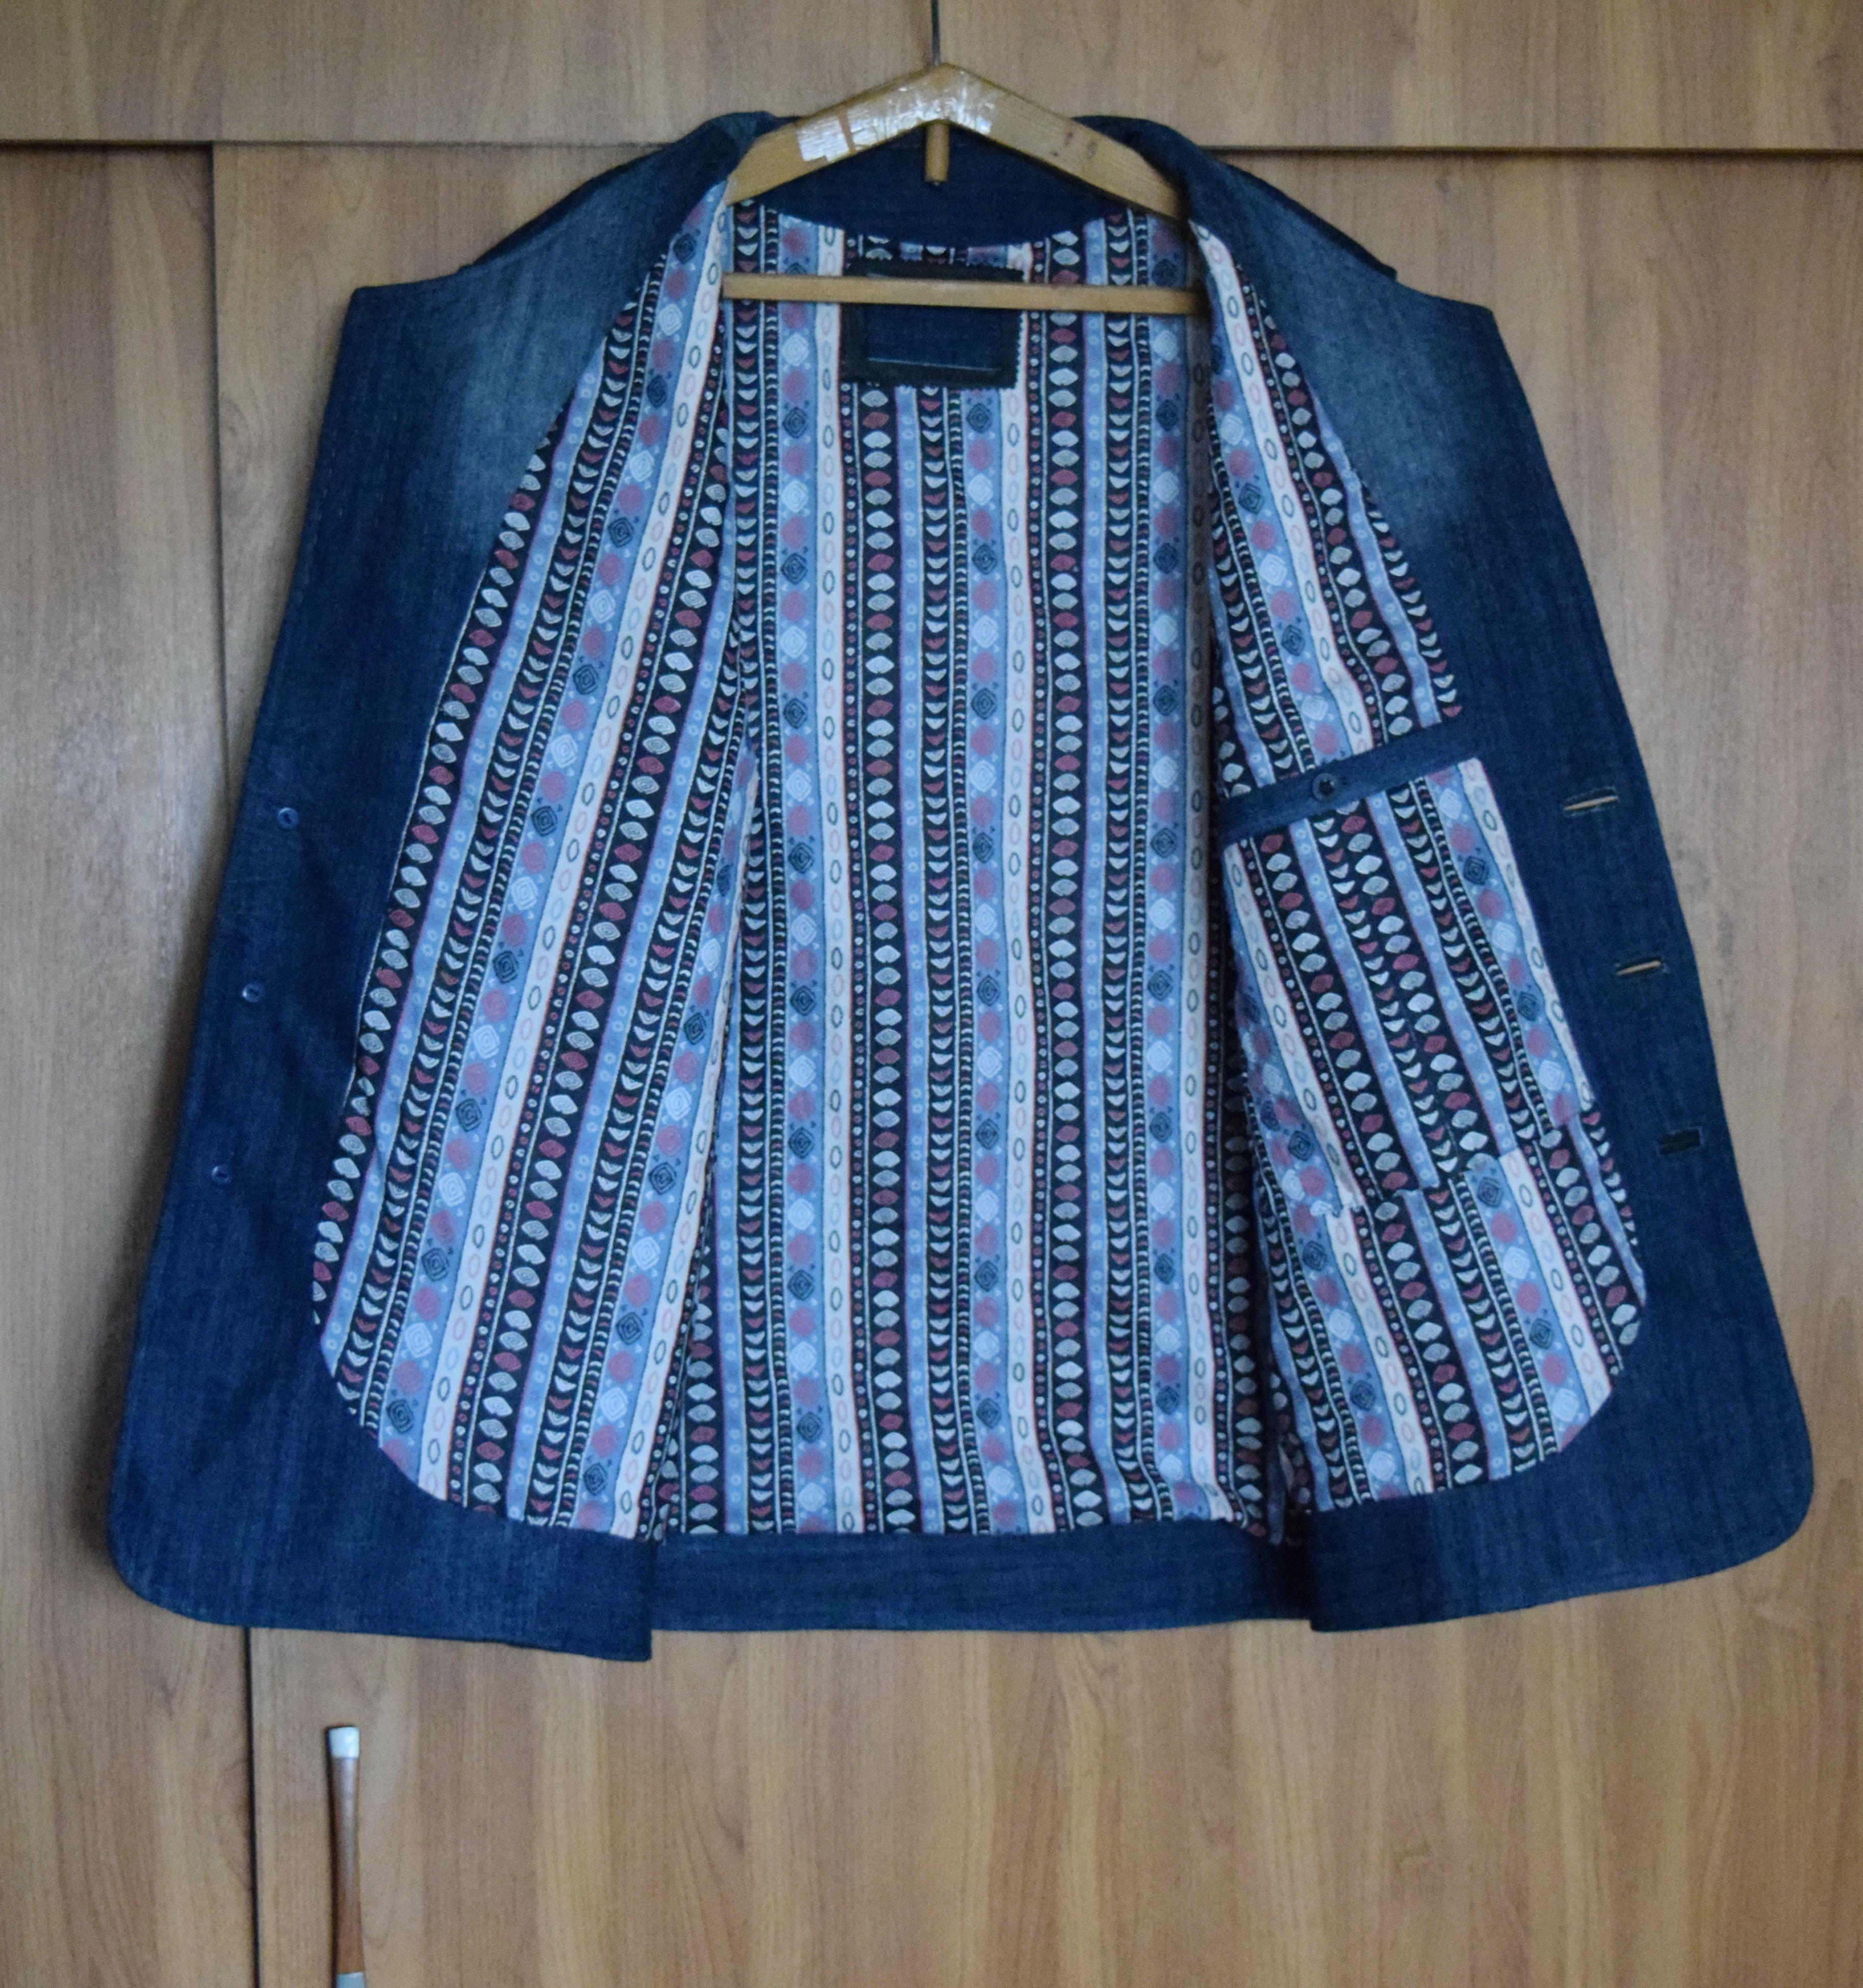 своимируками одежда купить hendmade креатив стиль пиджак кэжуал джинс кожа мода мужчинам